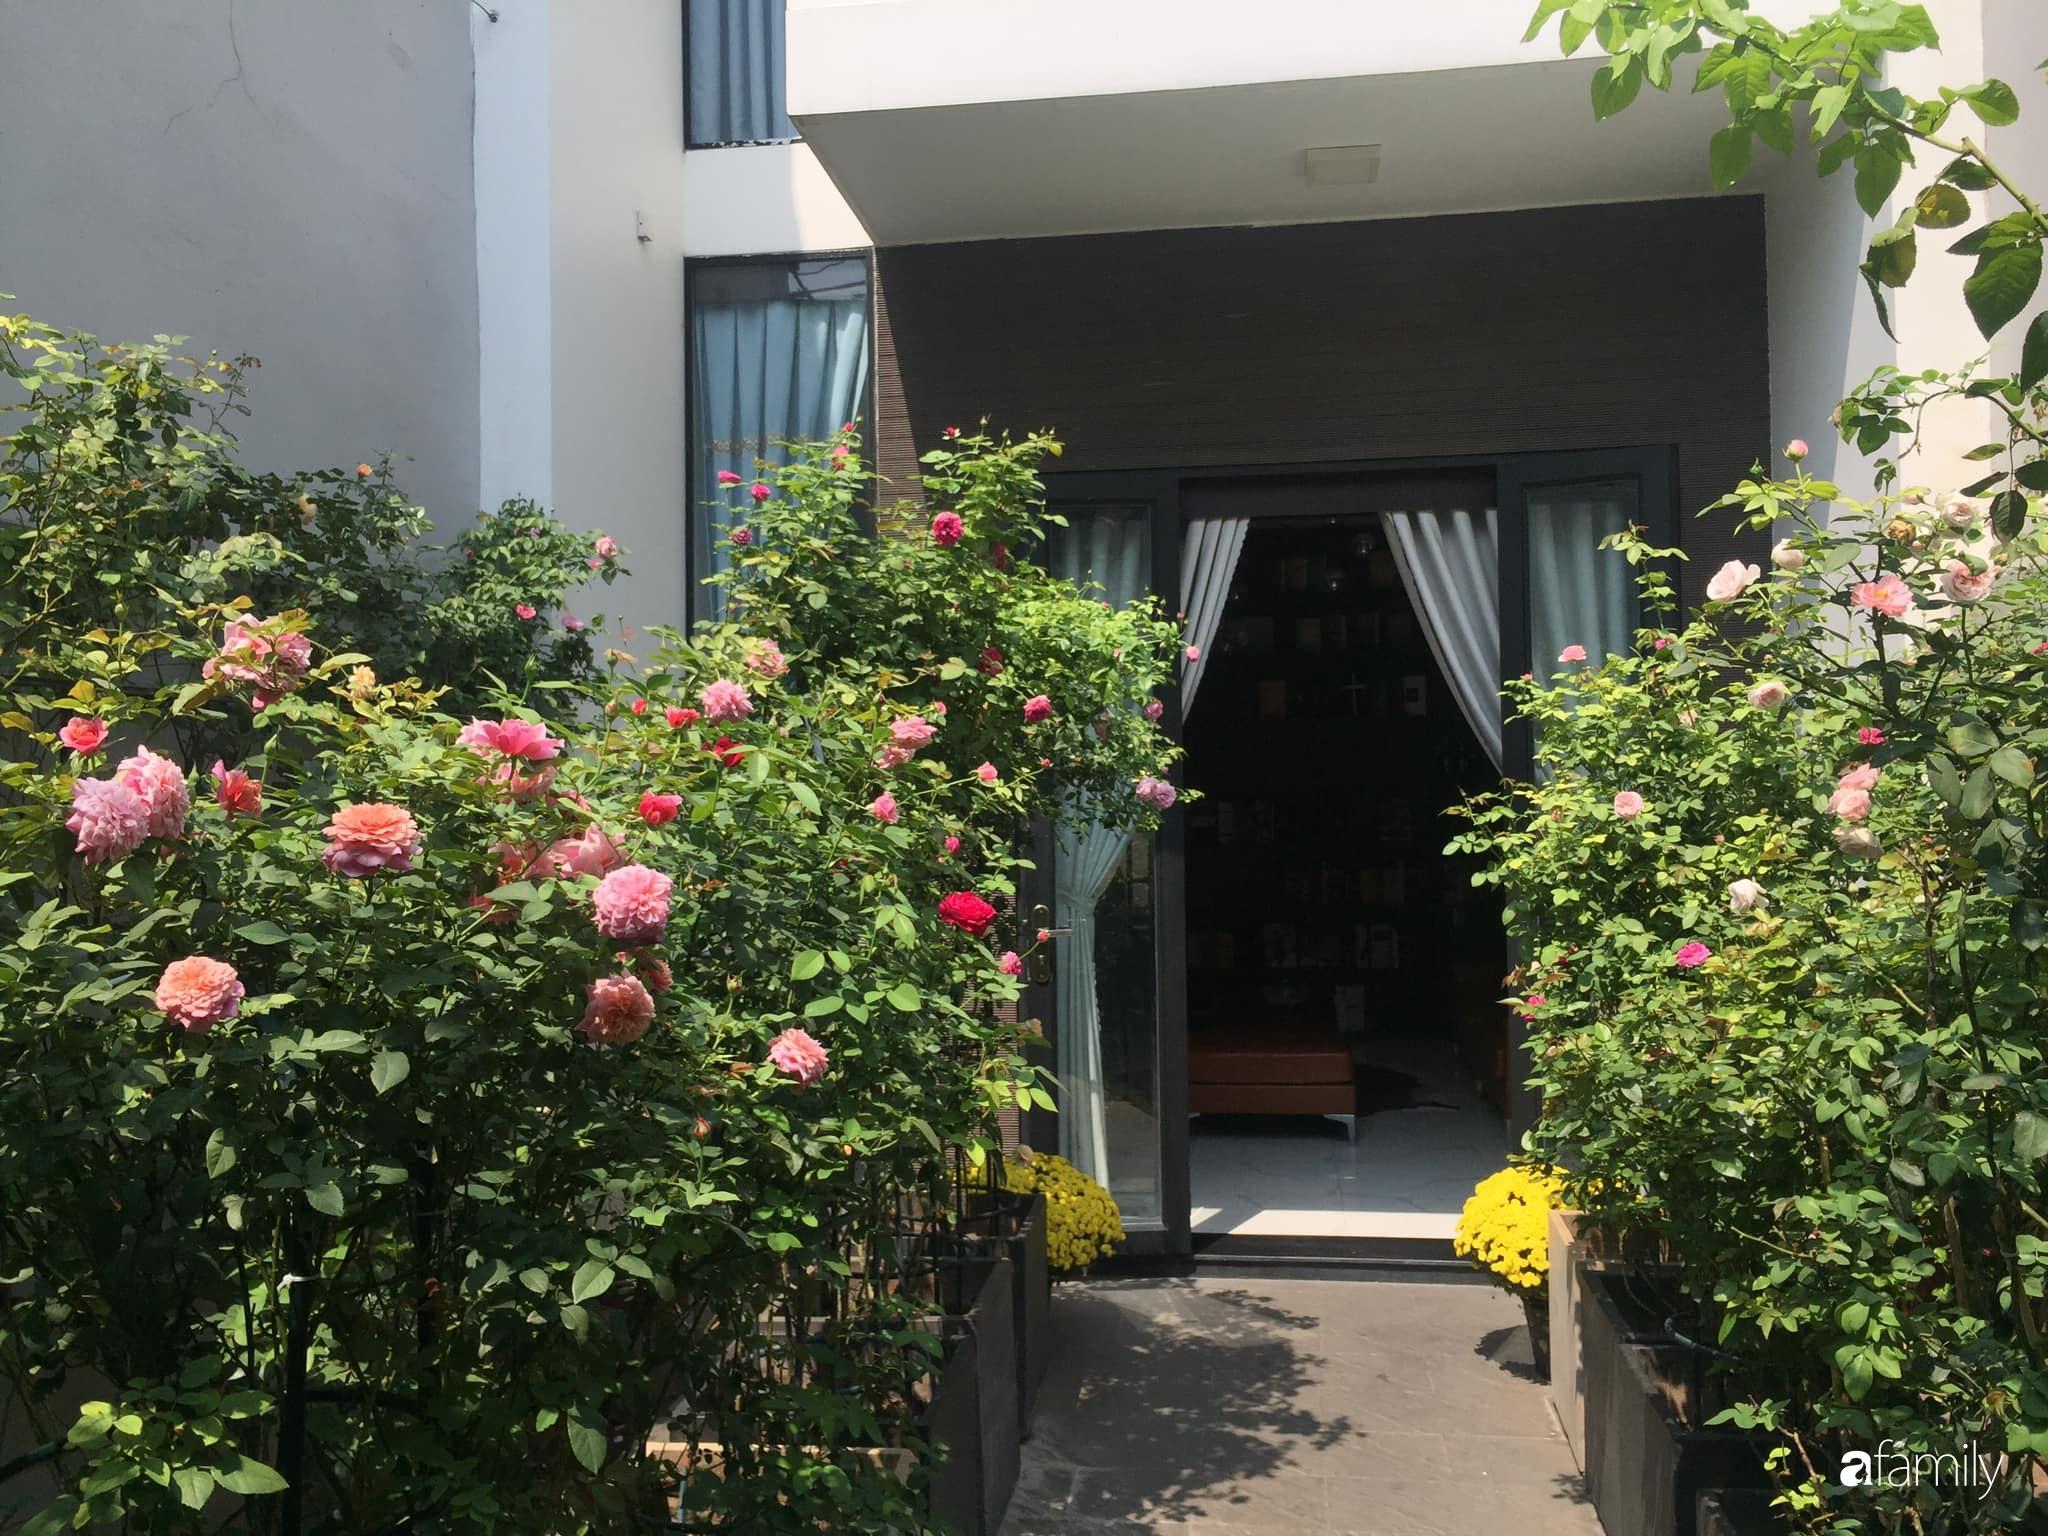 Lối nhỏ vào nhà níu chân bởi những gốc hồng xanh mướt lá rực rỡ sắc hoa ở Sài Gòn - Ảnh 12.